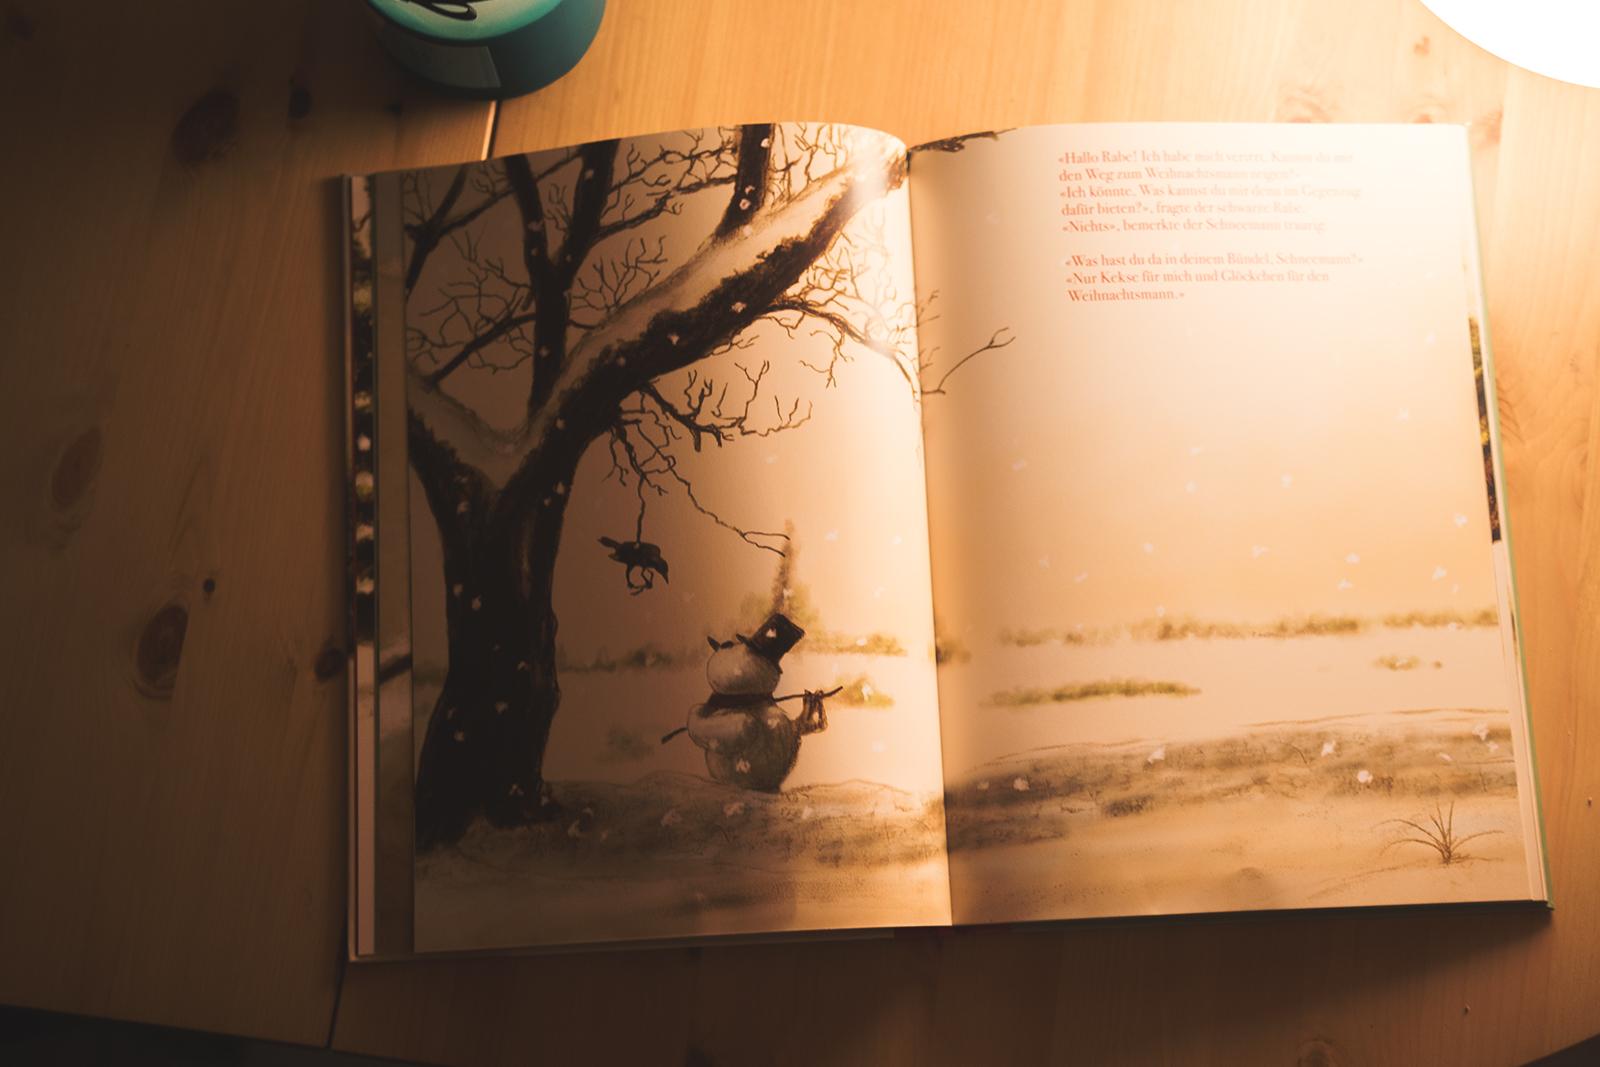 Rezension, Kinderbuch, Weihnachten, Neu, Dedieu, Aracari, Buchblog, Weihnachtsmann, Kinder, Halbleinen, Rezension